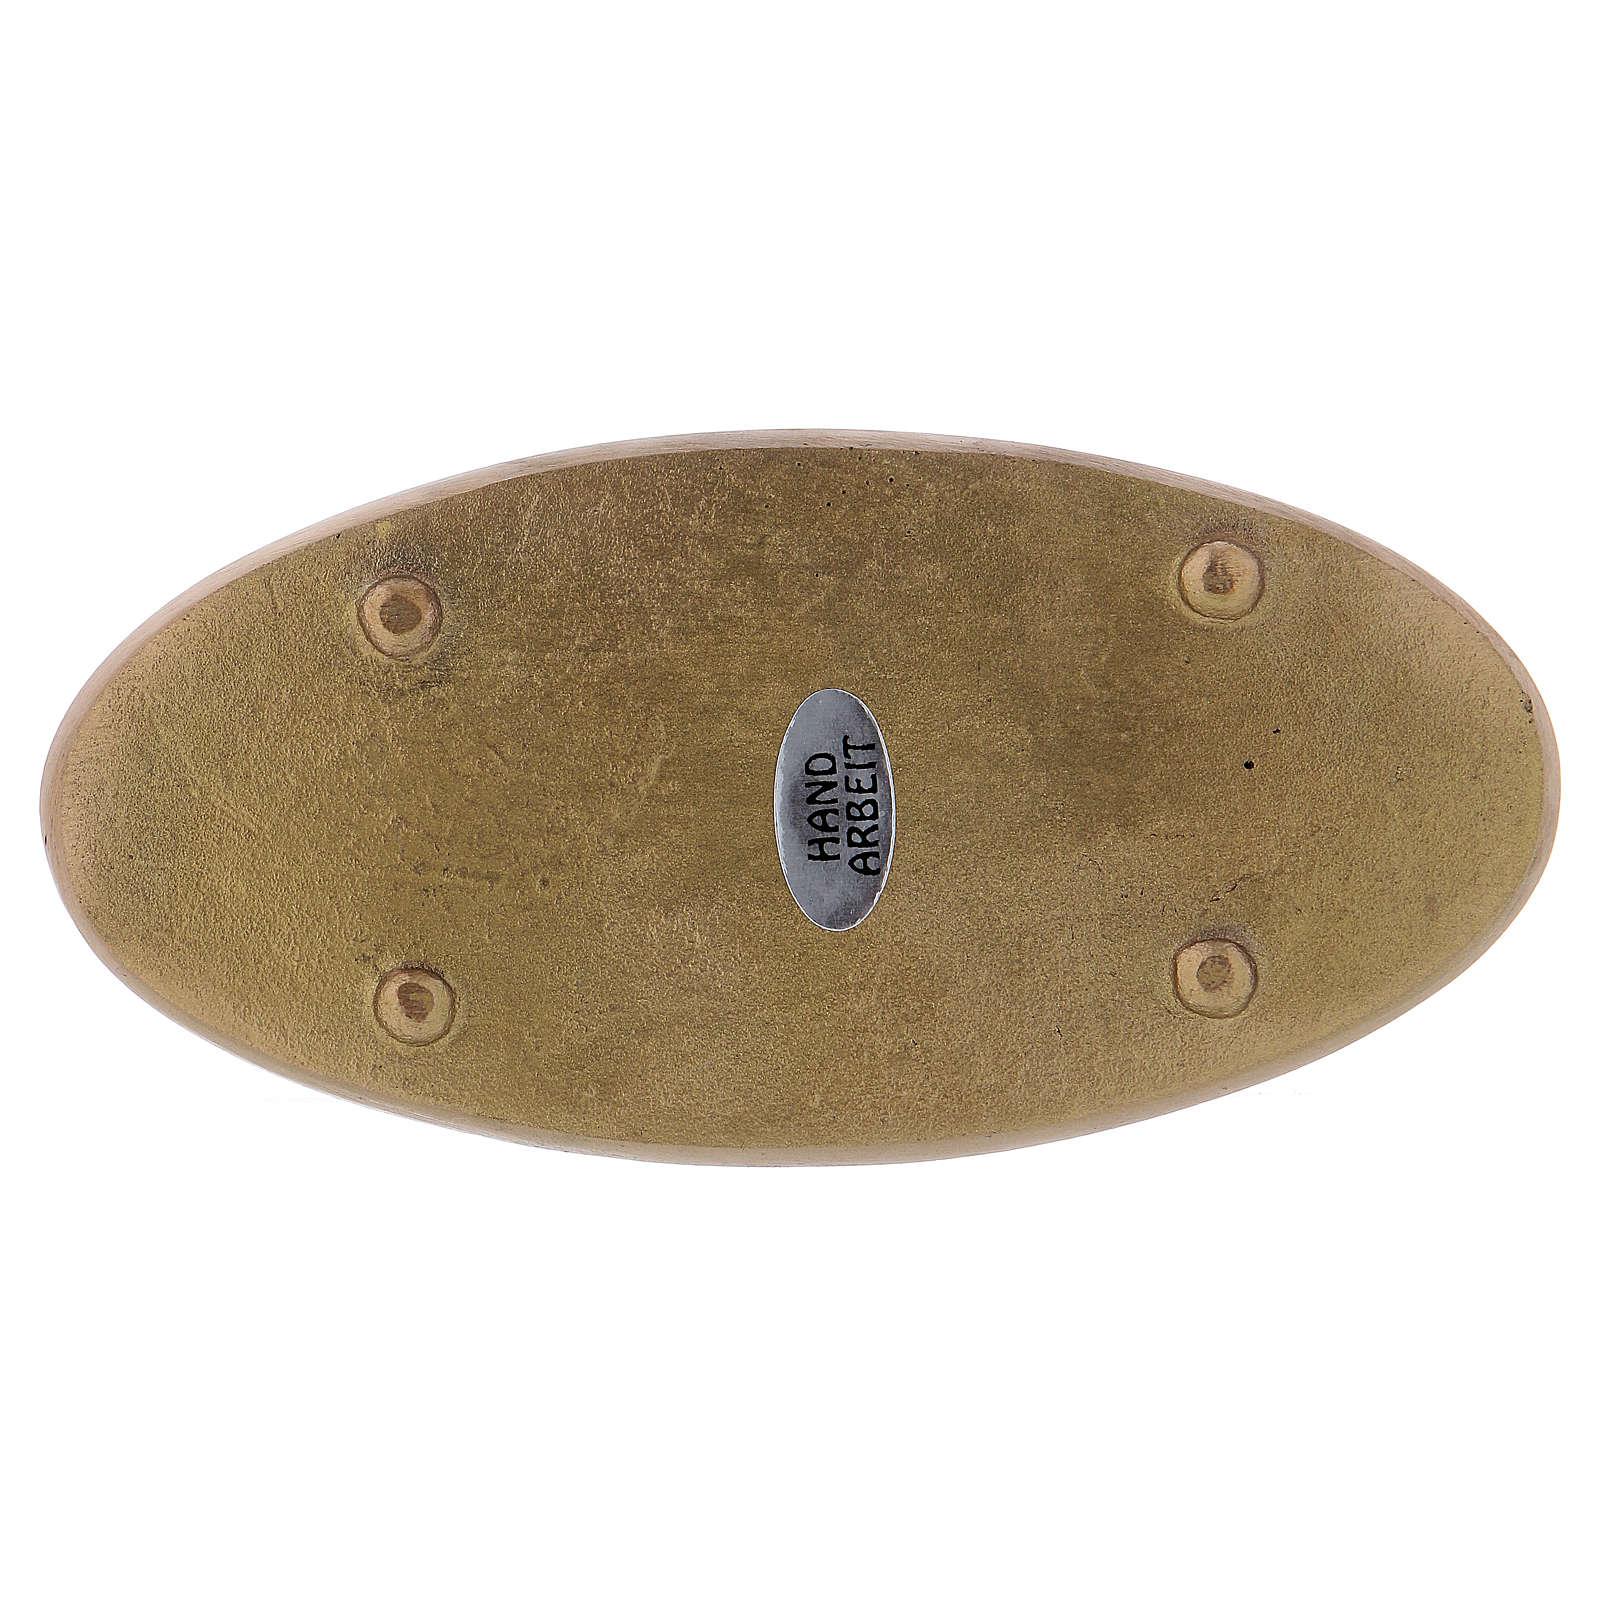 Piattino portacero ovale ottone opaco 3